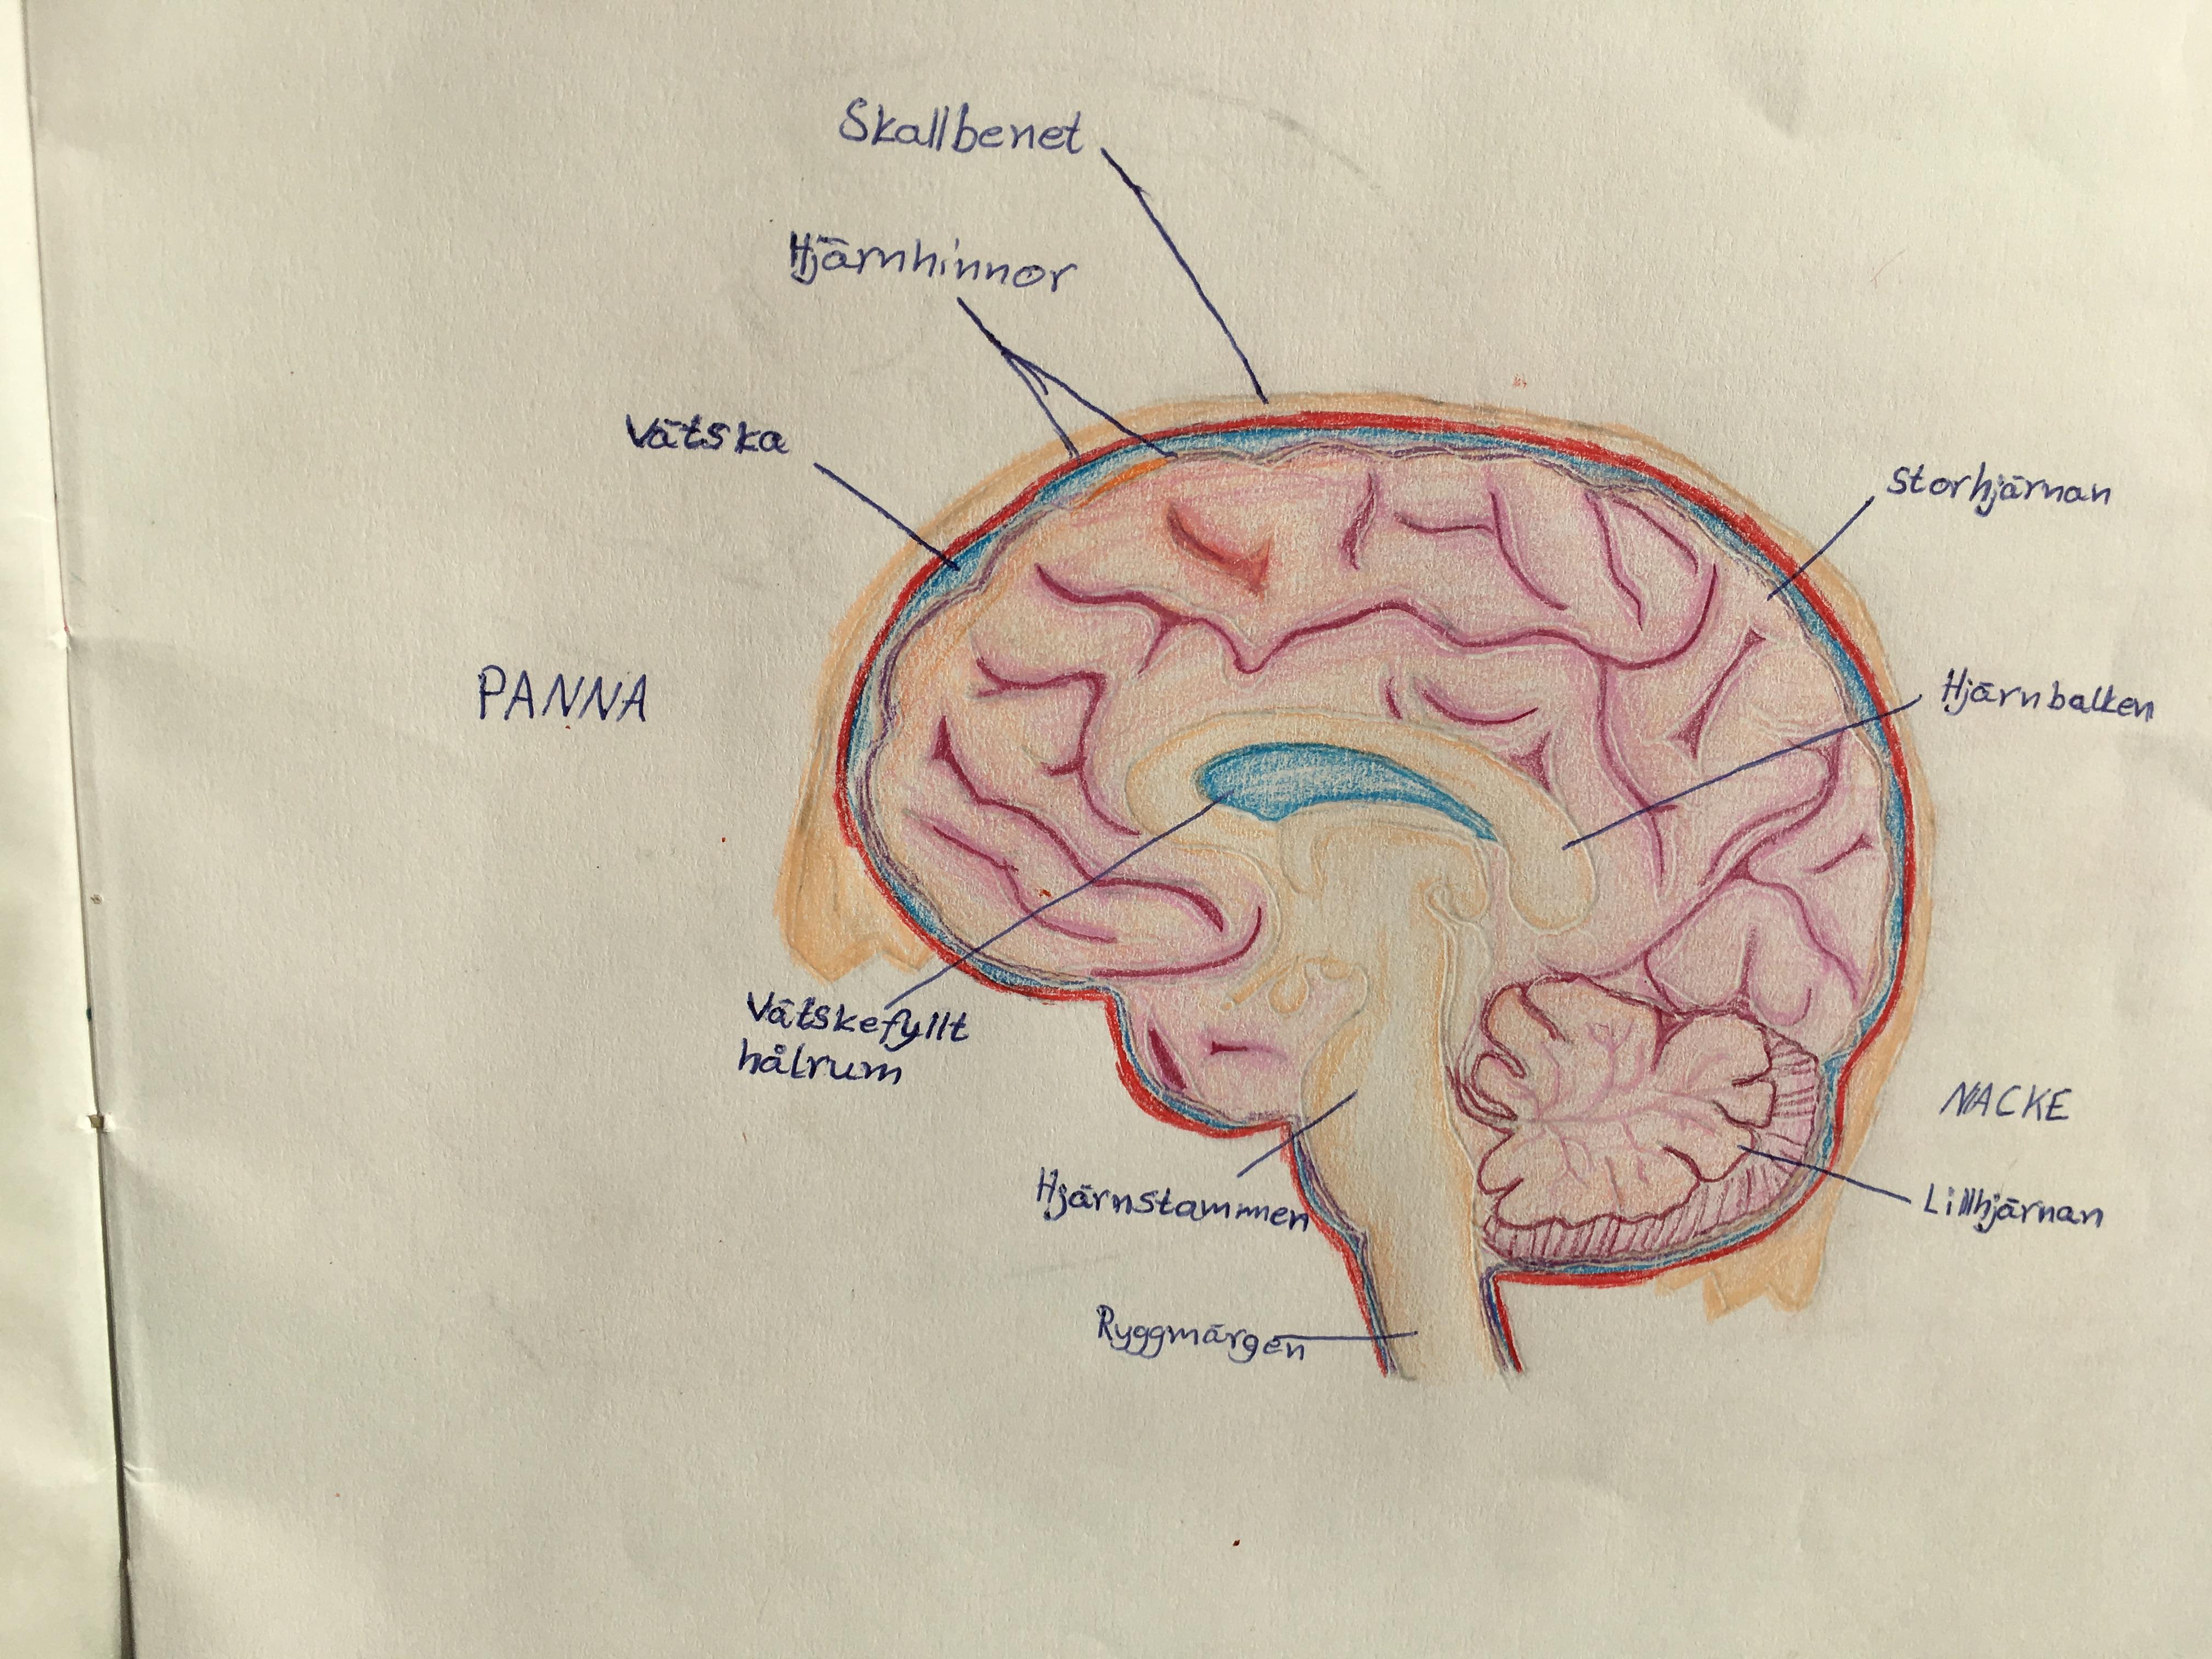 kalk i hjärnan